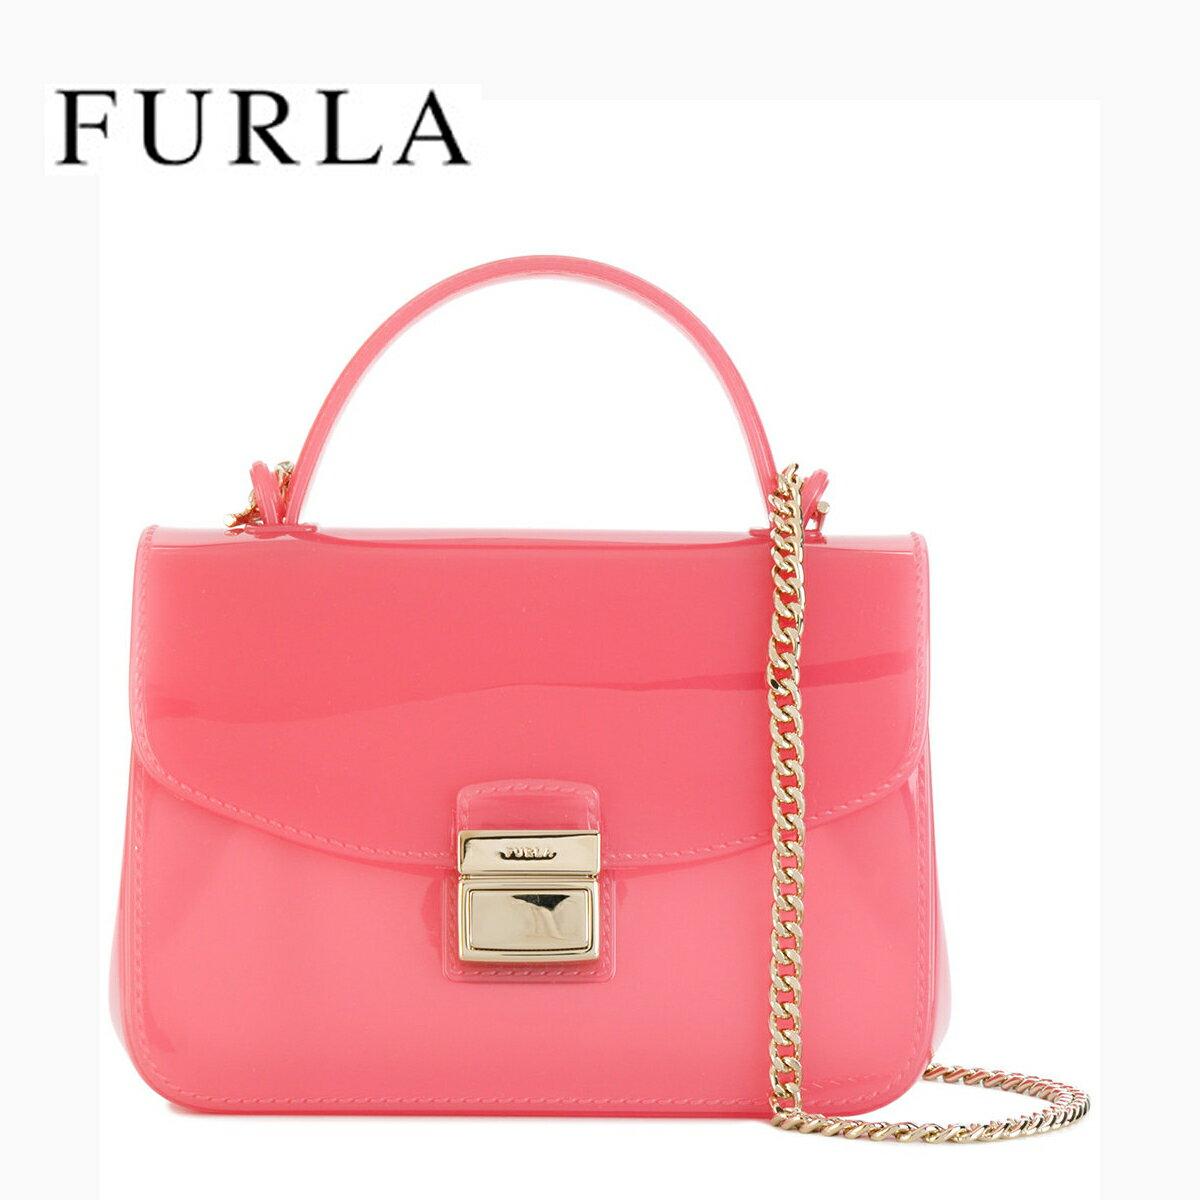 フルラ FURLA CANDY MINI CROSSBODY Ortensia D-Pink 920194 バッグ キャンディ チェーンショルダーミニクロスボディ